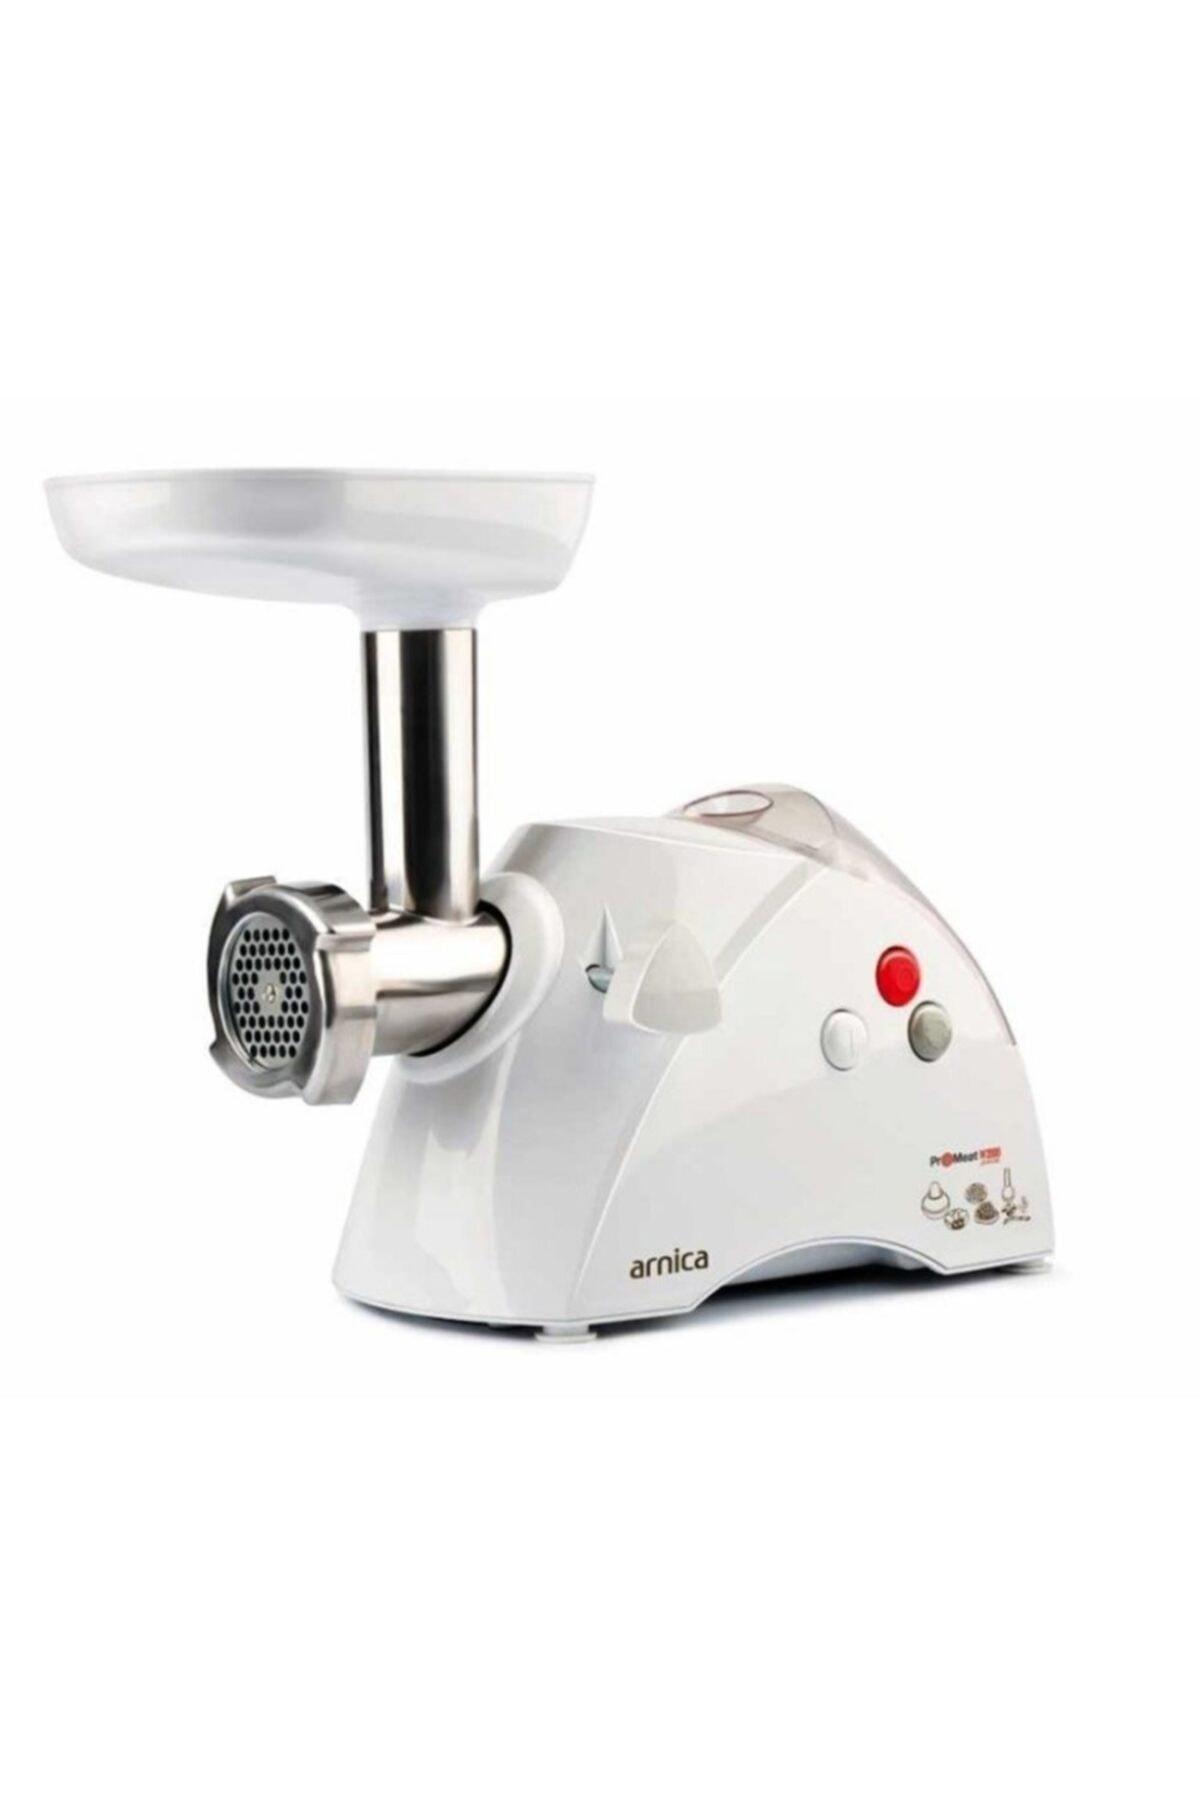 Arnica AA 1295 Promeat Grande Kıyma Makinesi